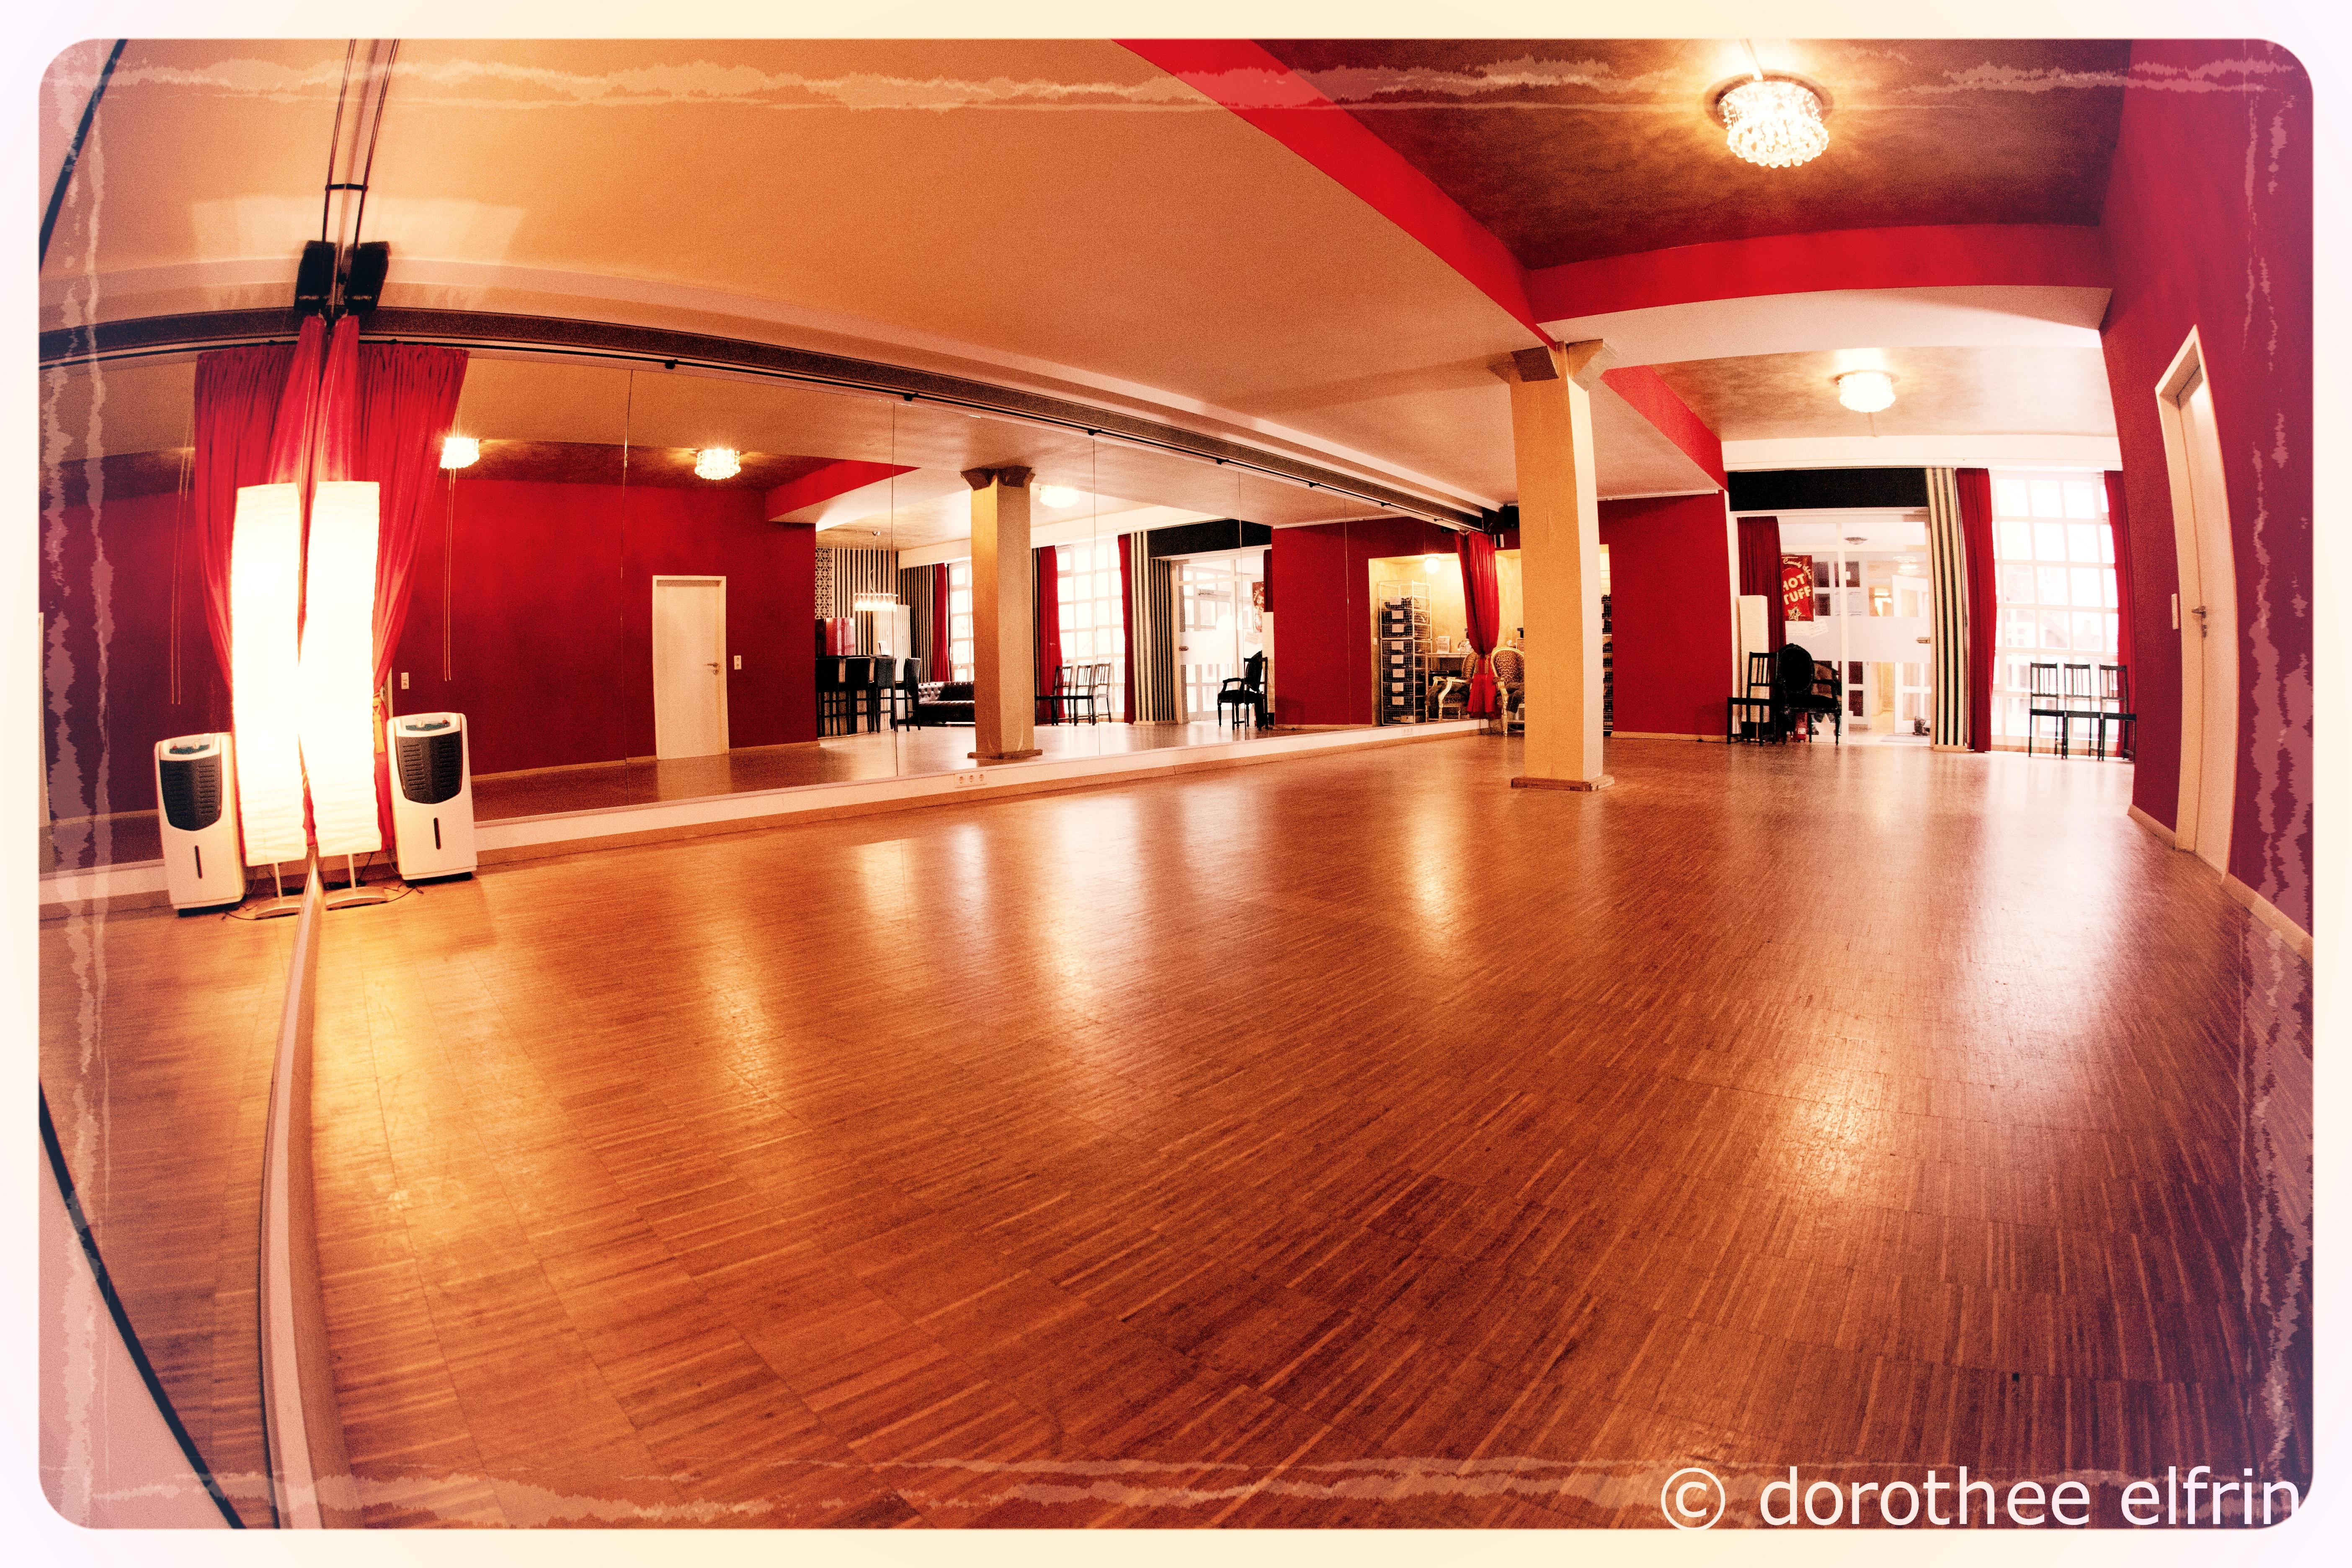 Steptanz München. Kurse Workshops Privatstunden. Steptänzerin. Extra für die Steptänzer haben wir im Vintage Dance Studio einen wohlklingenden Eichenparkettboden verlegen lassen. Optimal für eine Steptanzstudio!